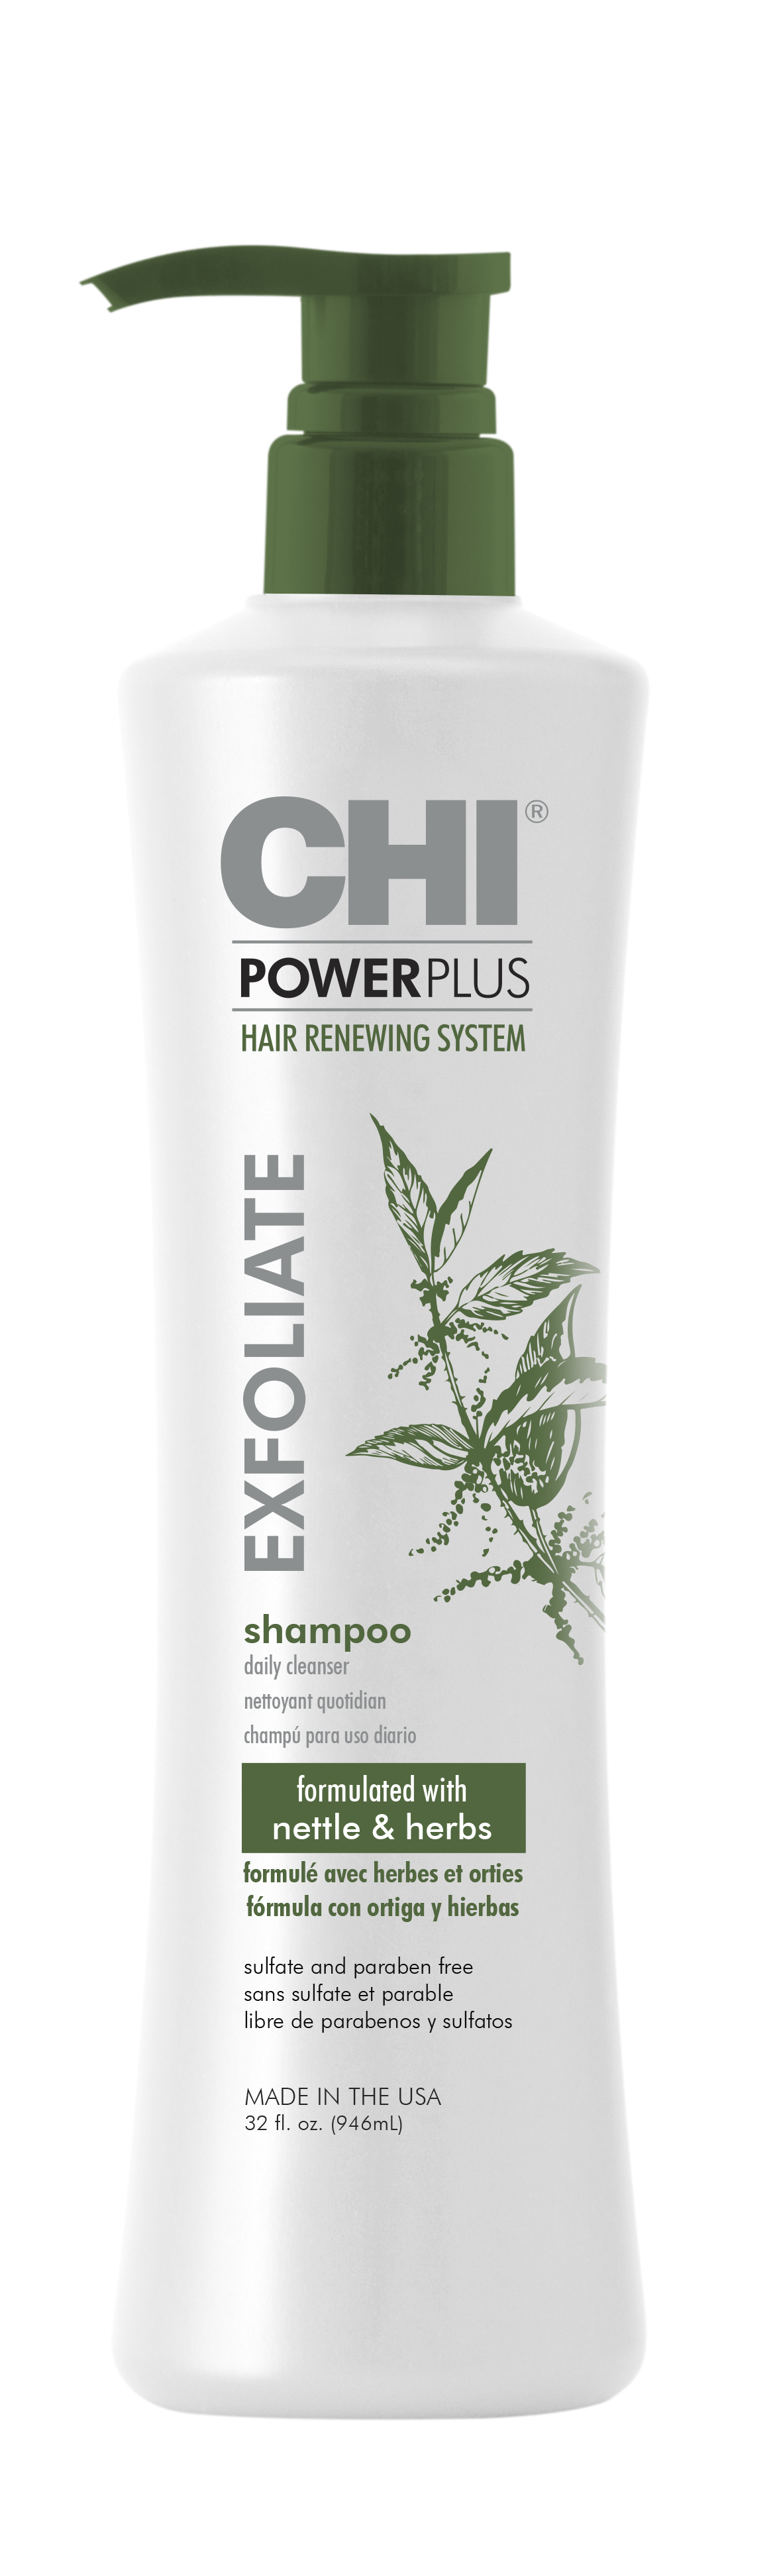 CHI Power Plus Line - Shampoo 32oz